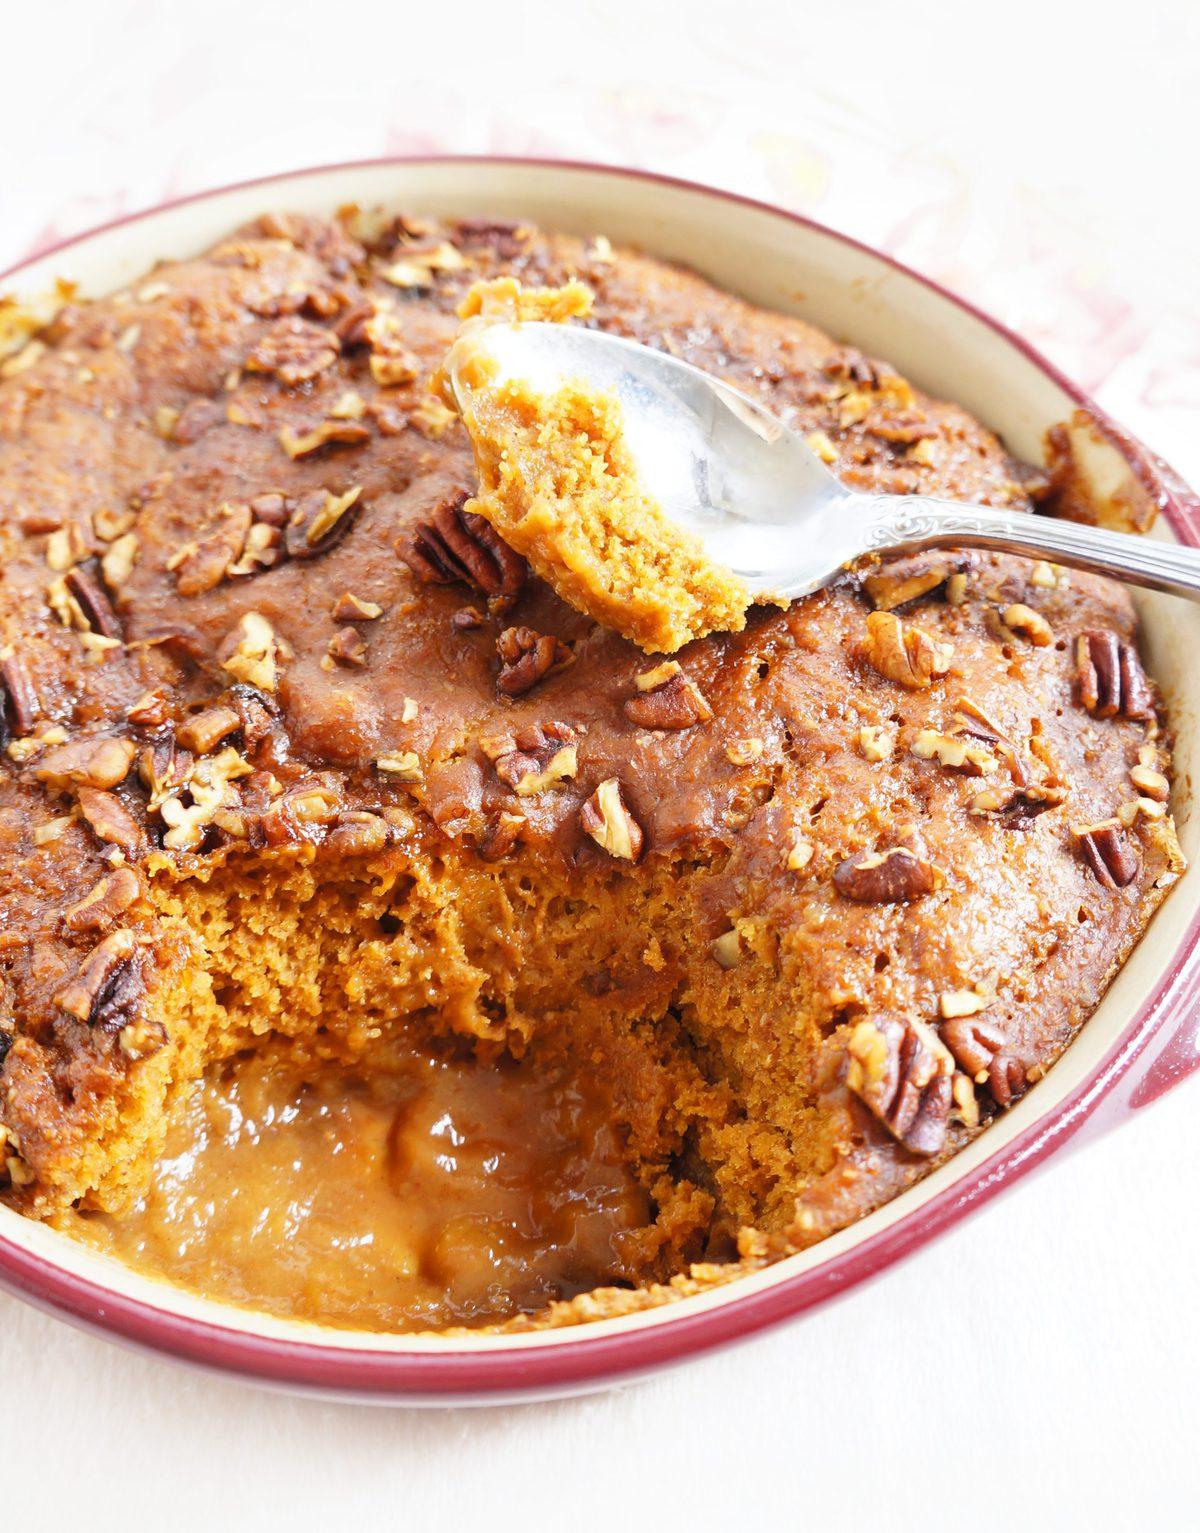 Pecan Pie Inside Chocolate Cake